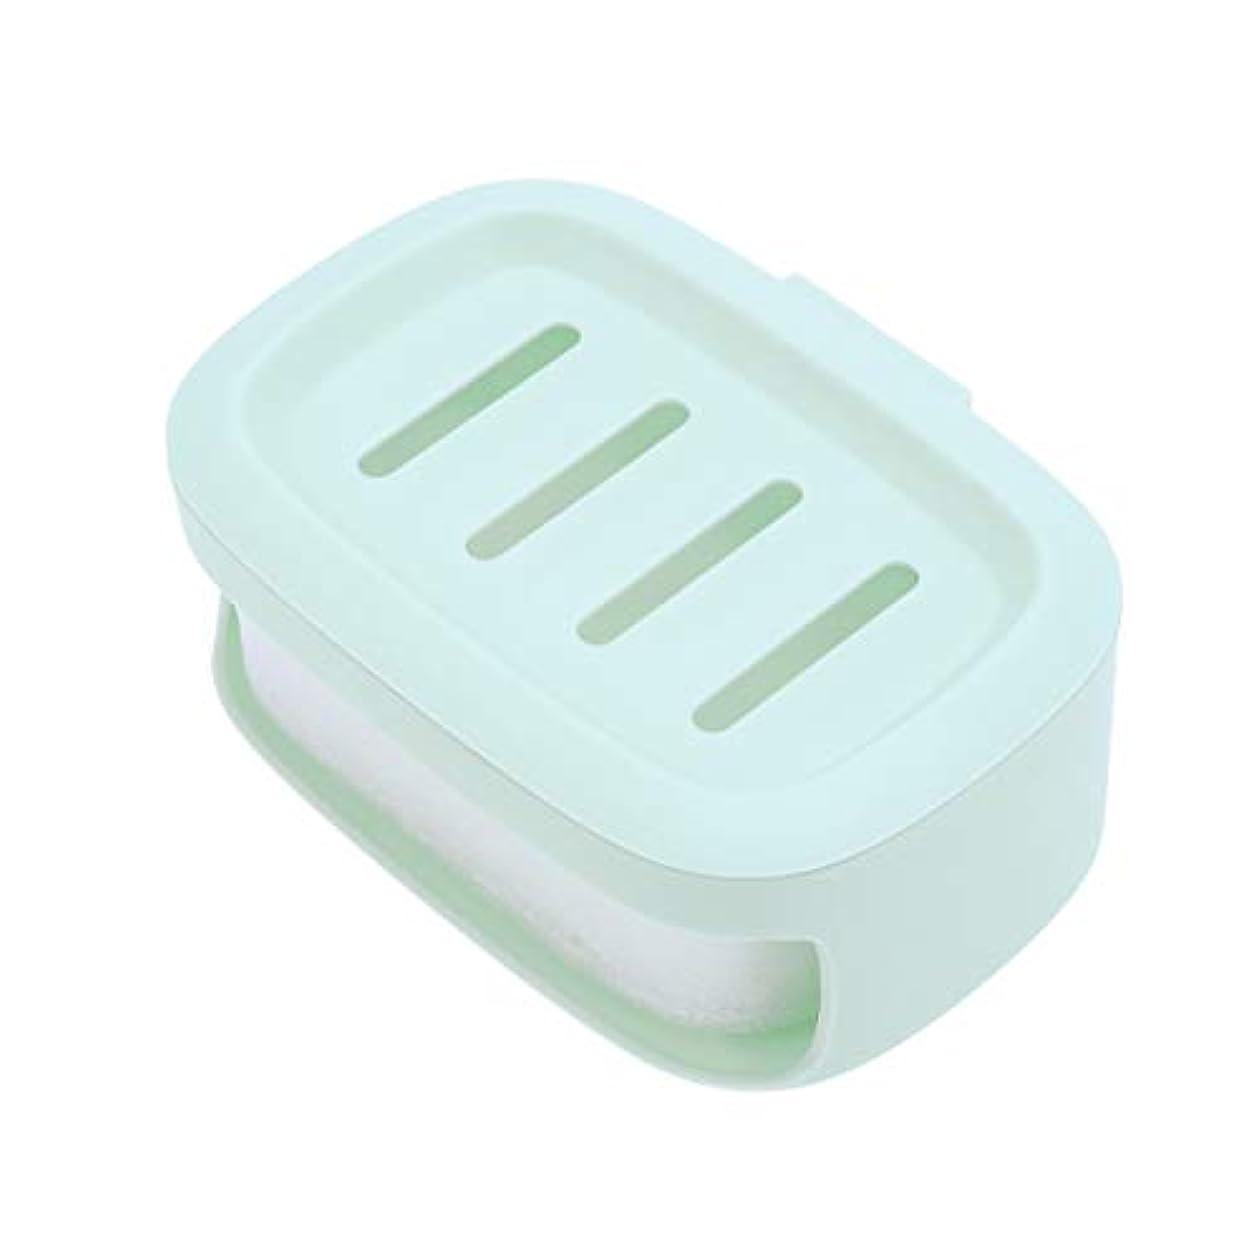 電極アレンジアイザックHealifty ソープボックス防水シールソープコンテナソープホルダー(ライトグリーン)